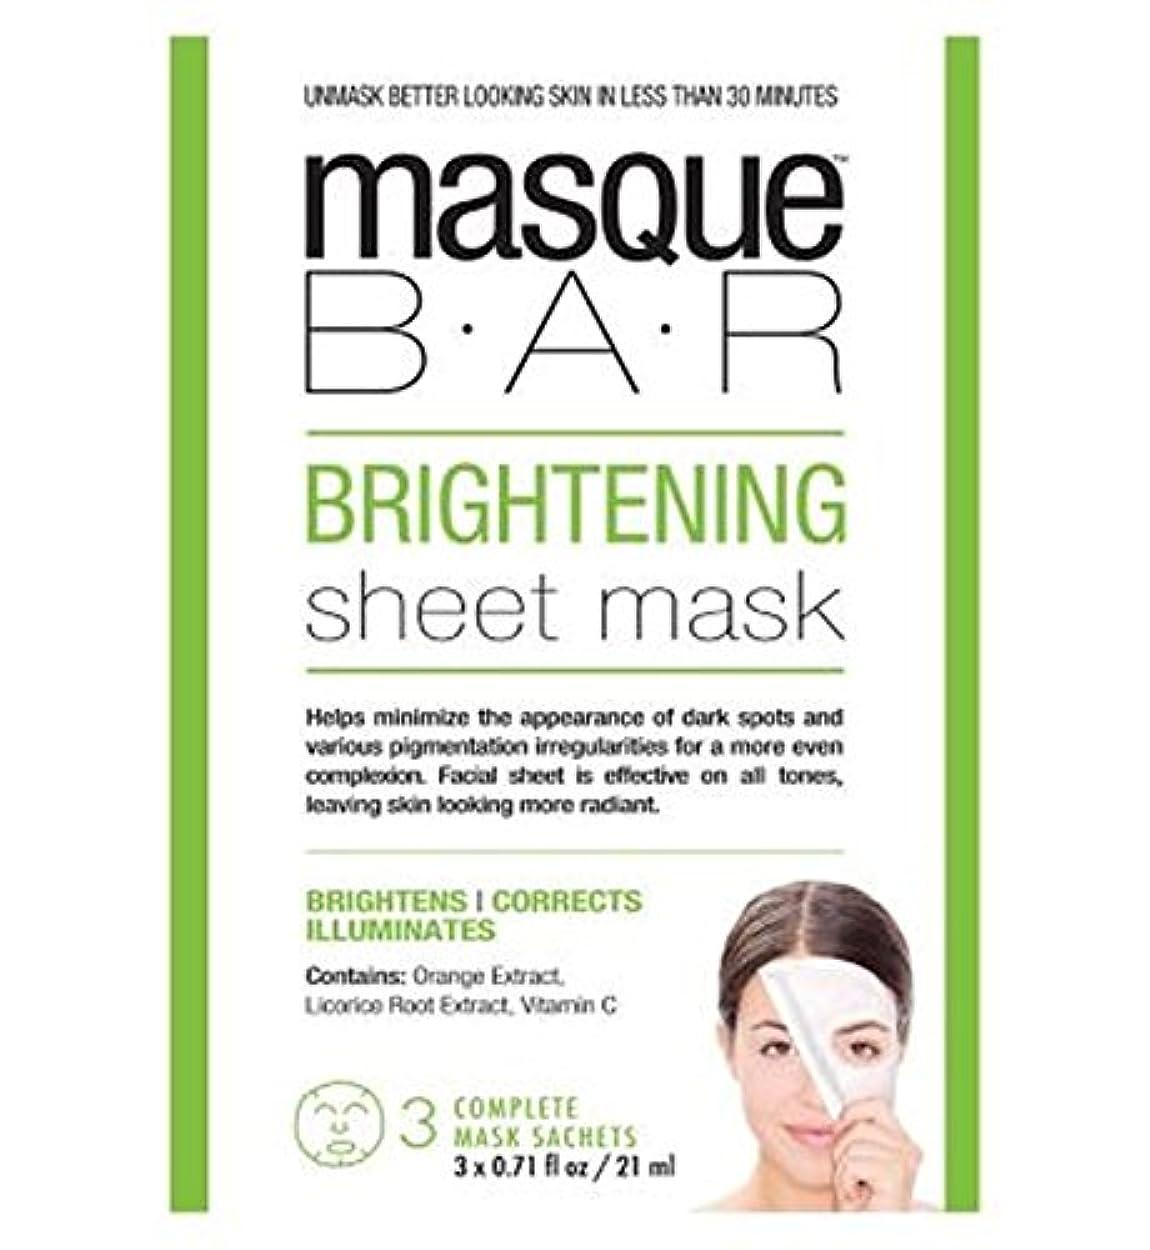 引くロンドン大佐仮面劇バー光沢シートマスク - 3S (P6B Masque Bar Bt) (x2) - Masque Bar Brightening Sheet Mask - 3s (Pack of 2) [並行輸入品]